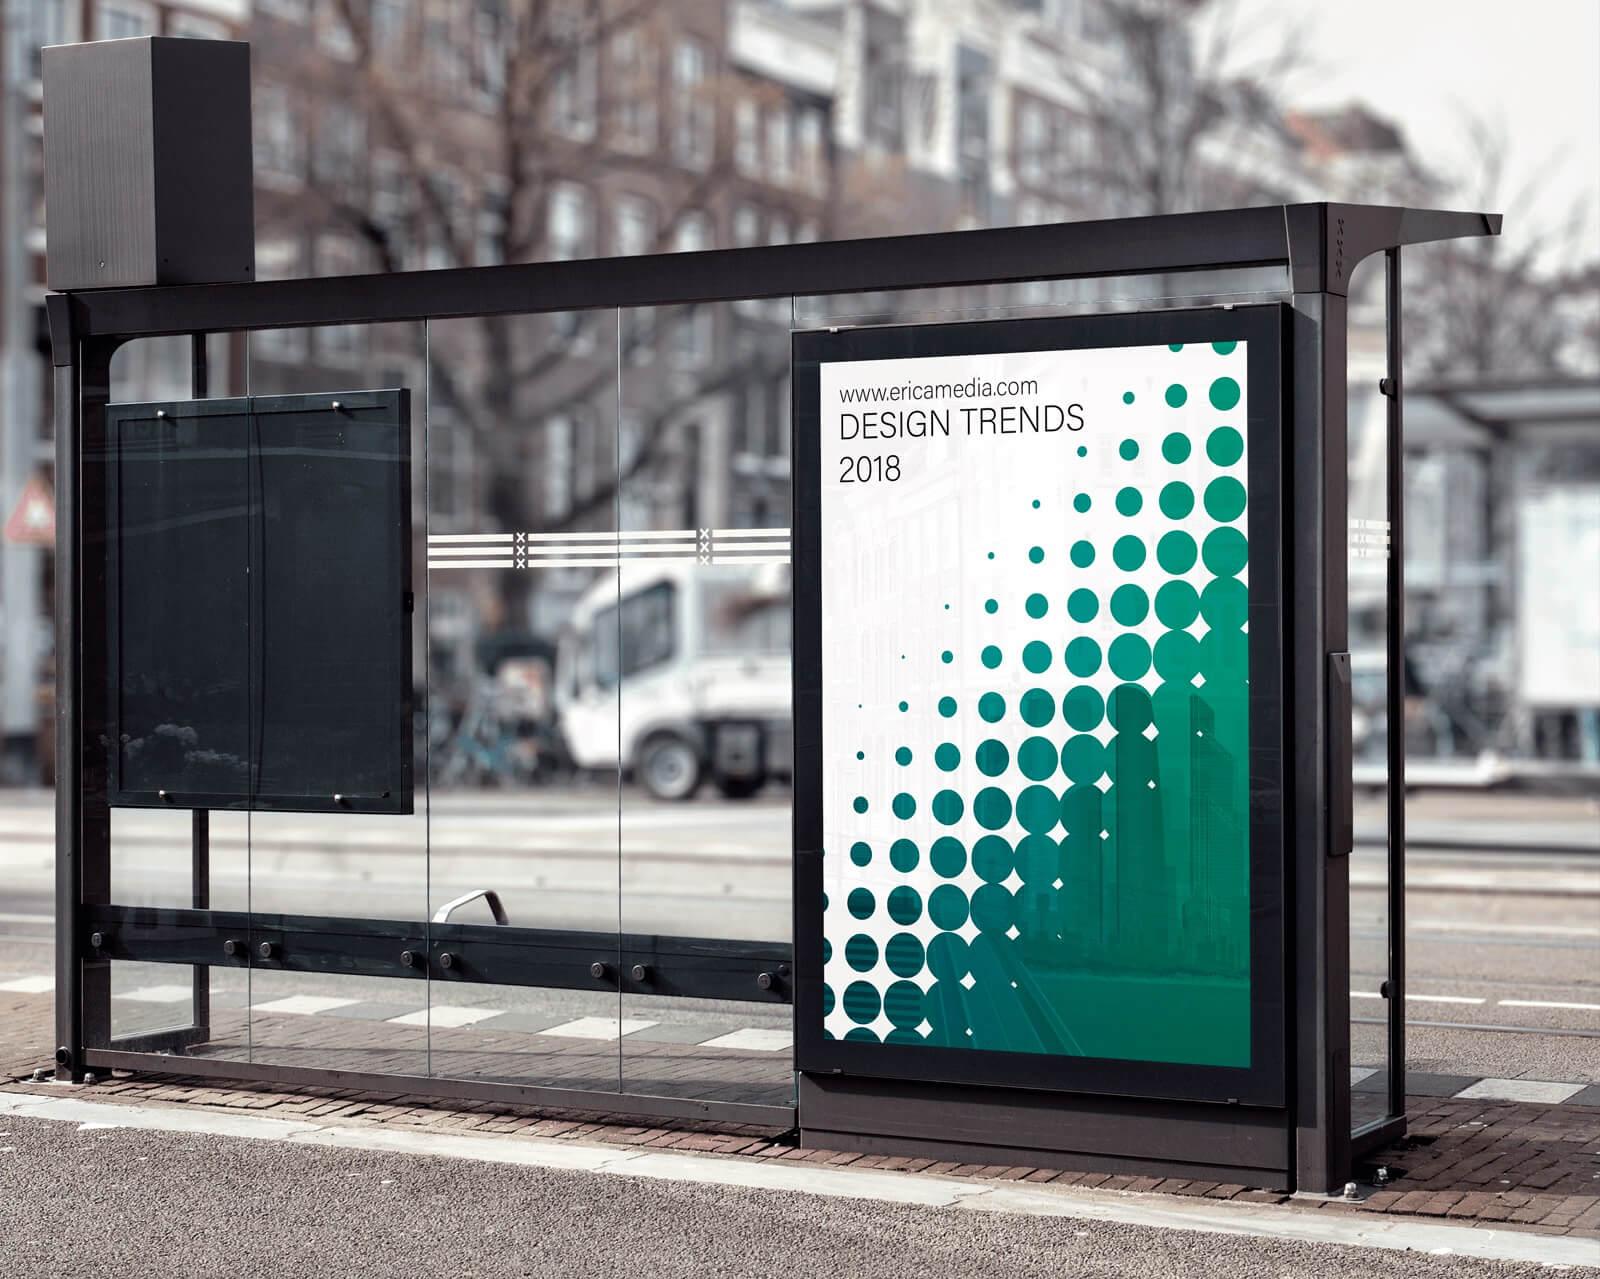 Diseño Web. Imagen Corporativa. Optimización Web